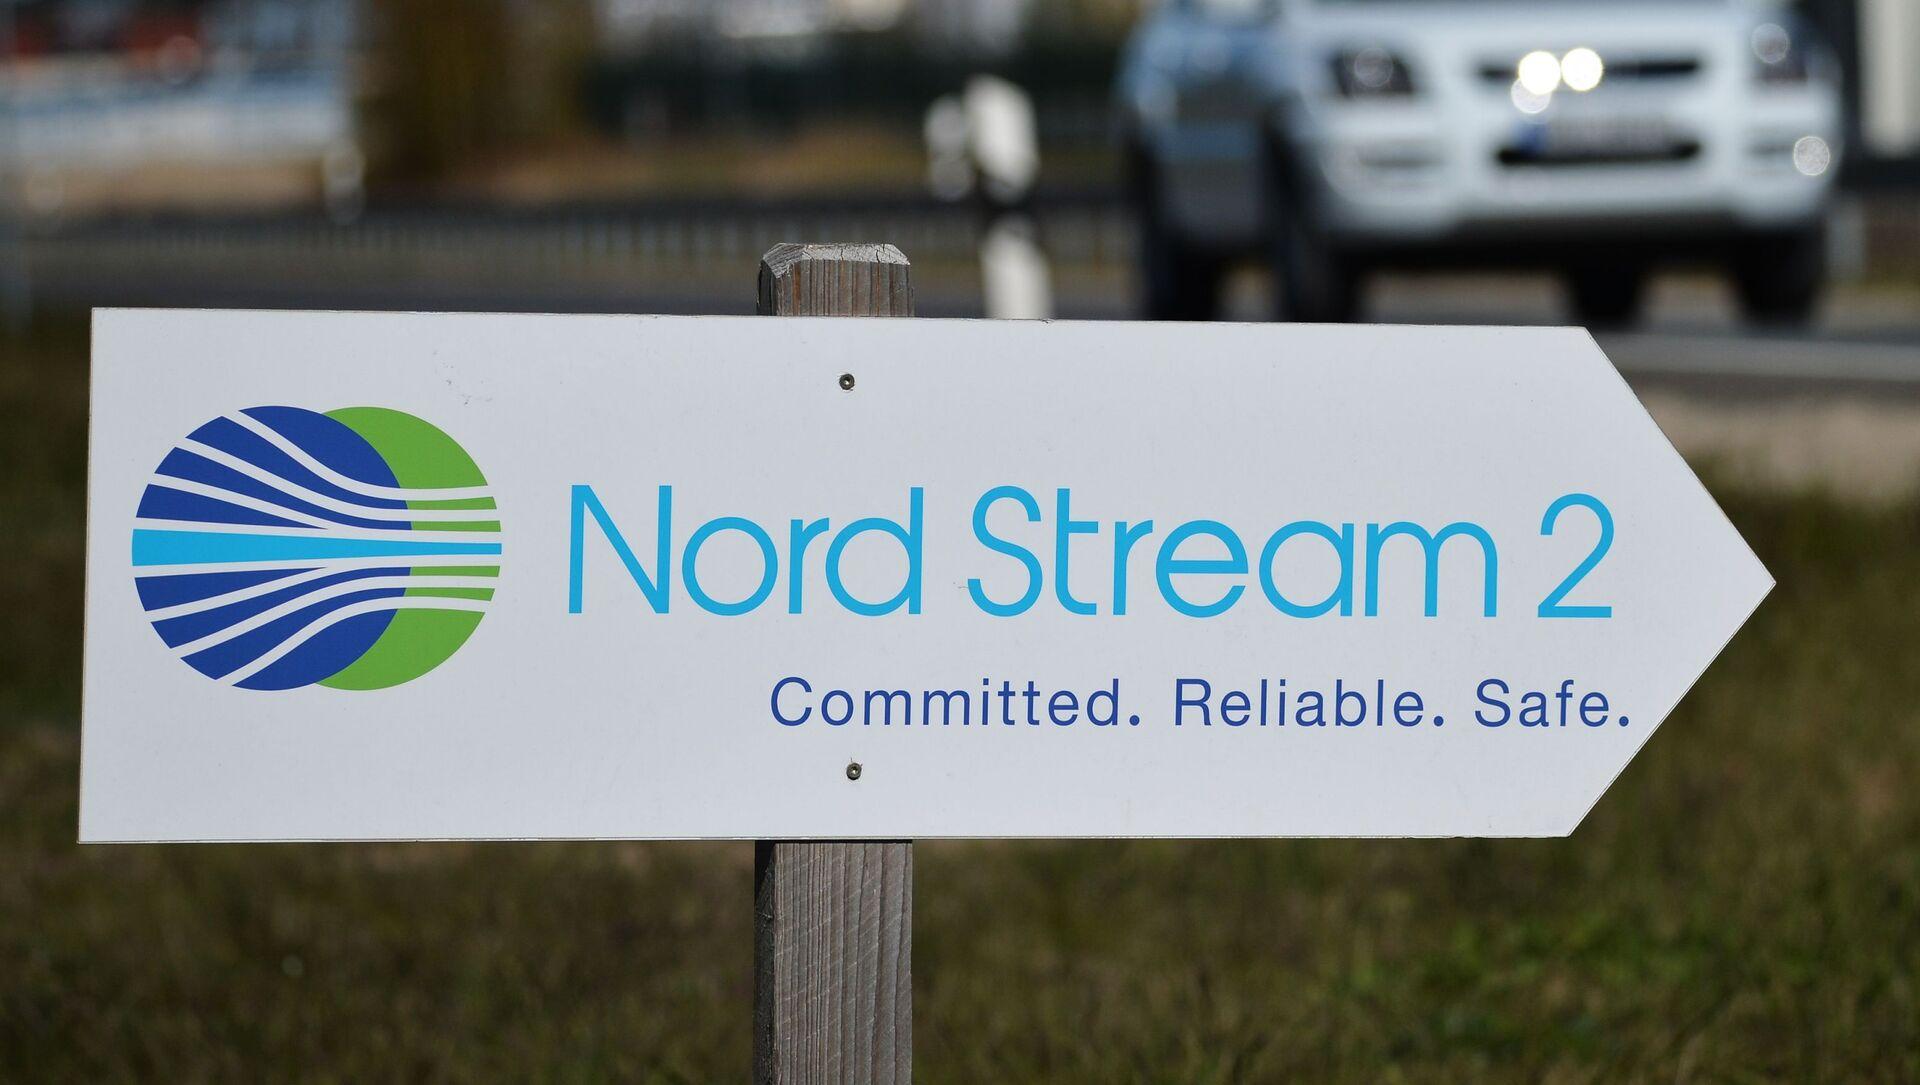 Drogowskaz z symboliką spółki Nord Stream 2 AG  - Sputnik Polska, 1920, 18.05.2021